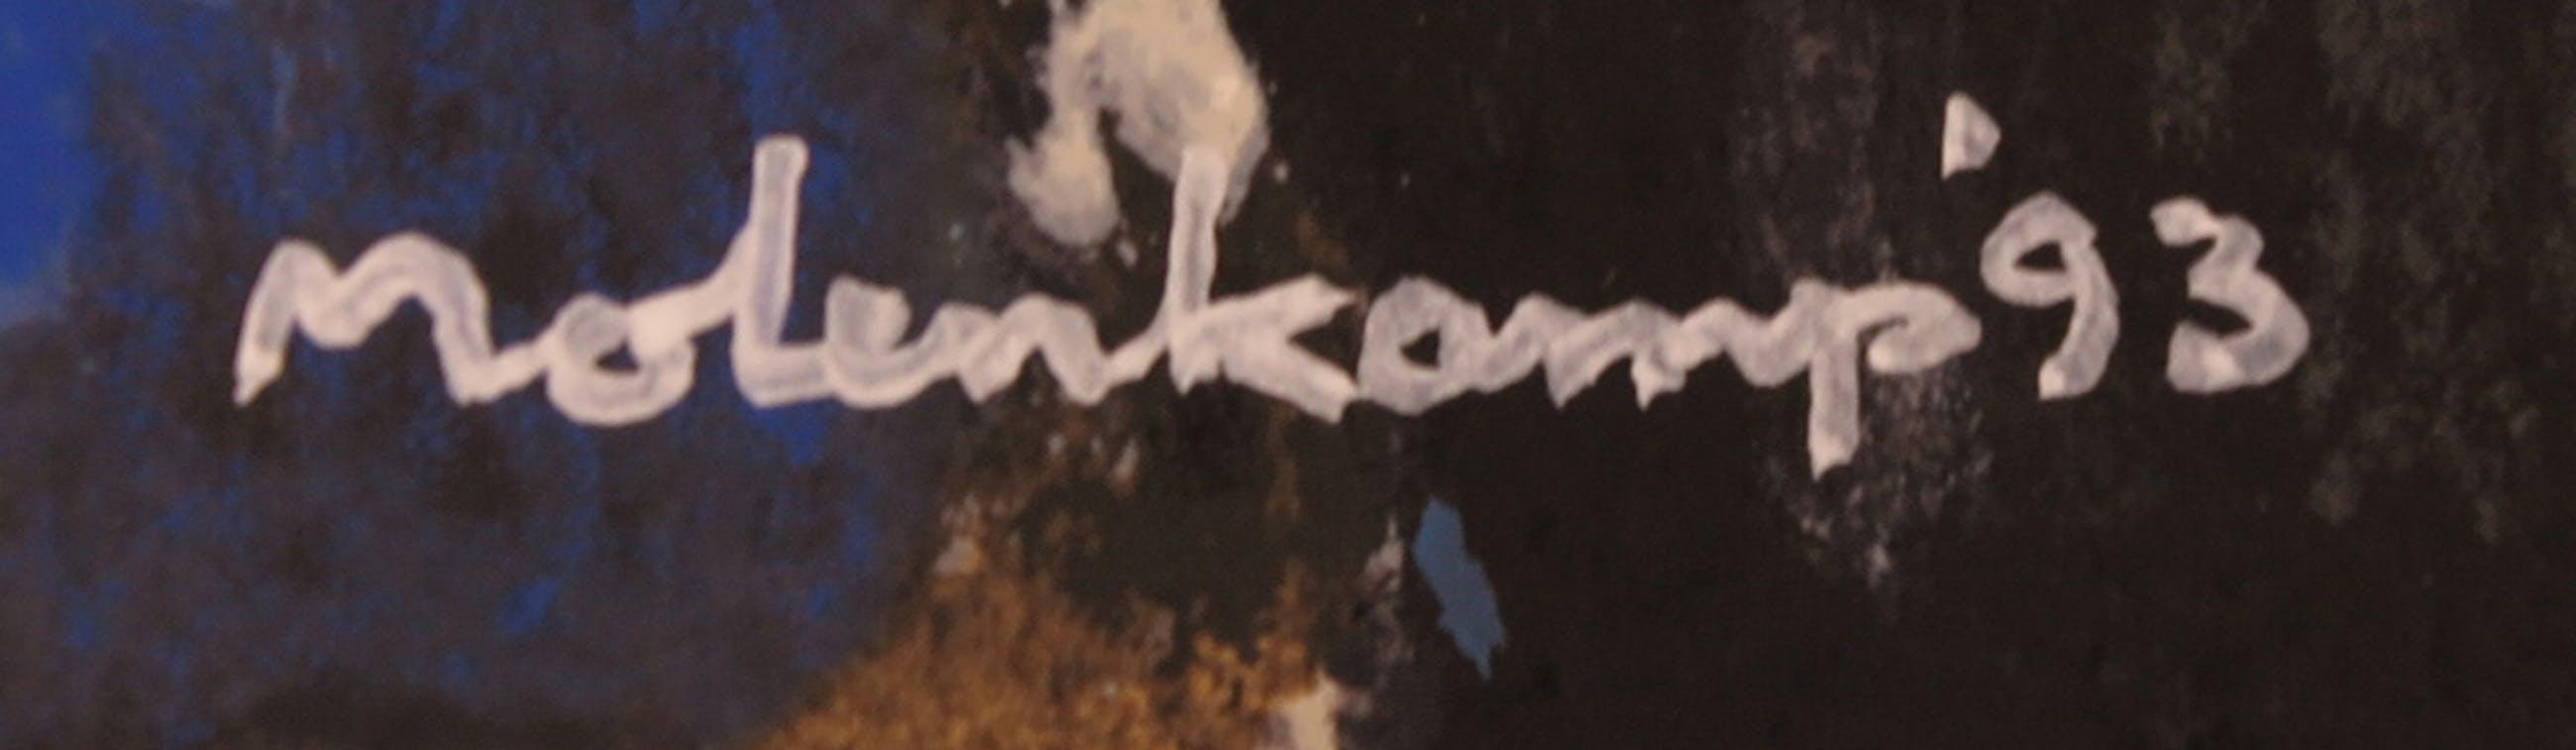 Nico Molenkamp - Zeefdruk, Abstracte compositie kopen? Bied vanaf 10!